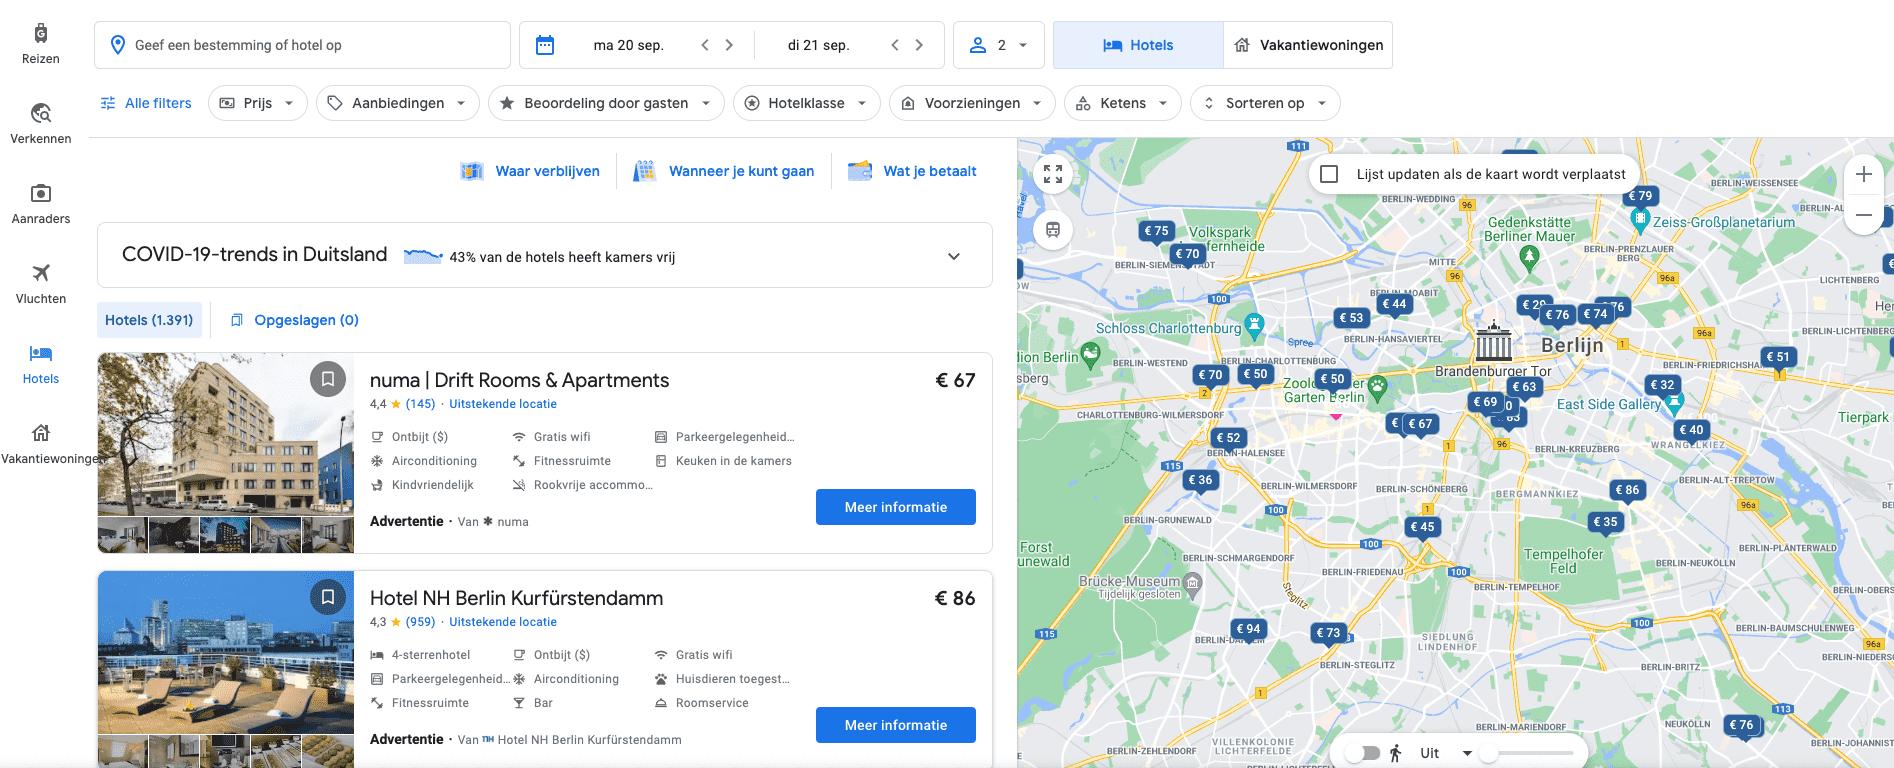 google hotel ads kaart